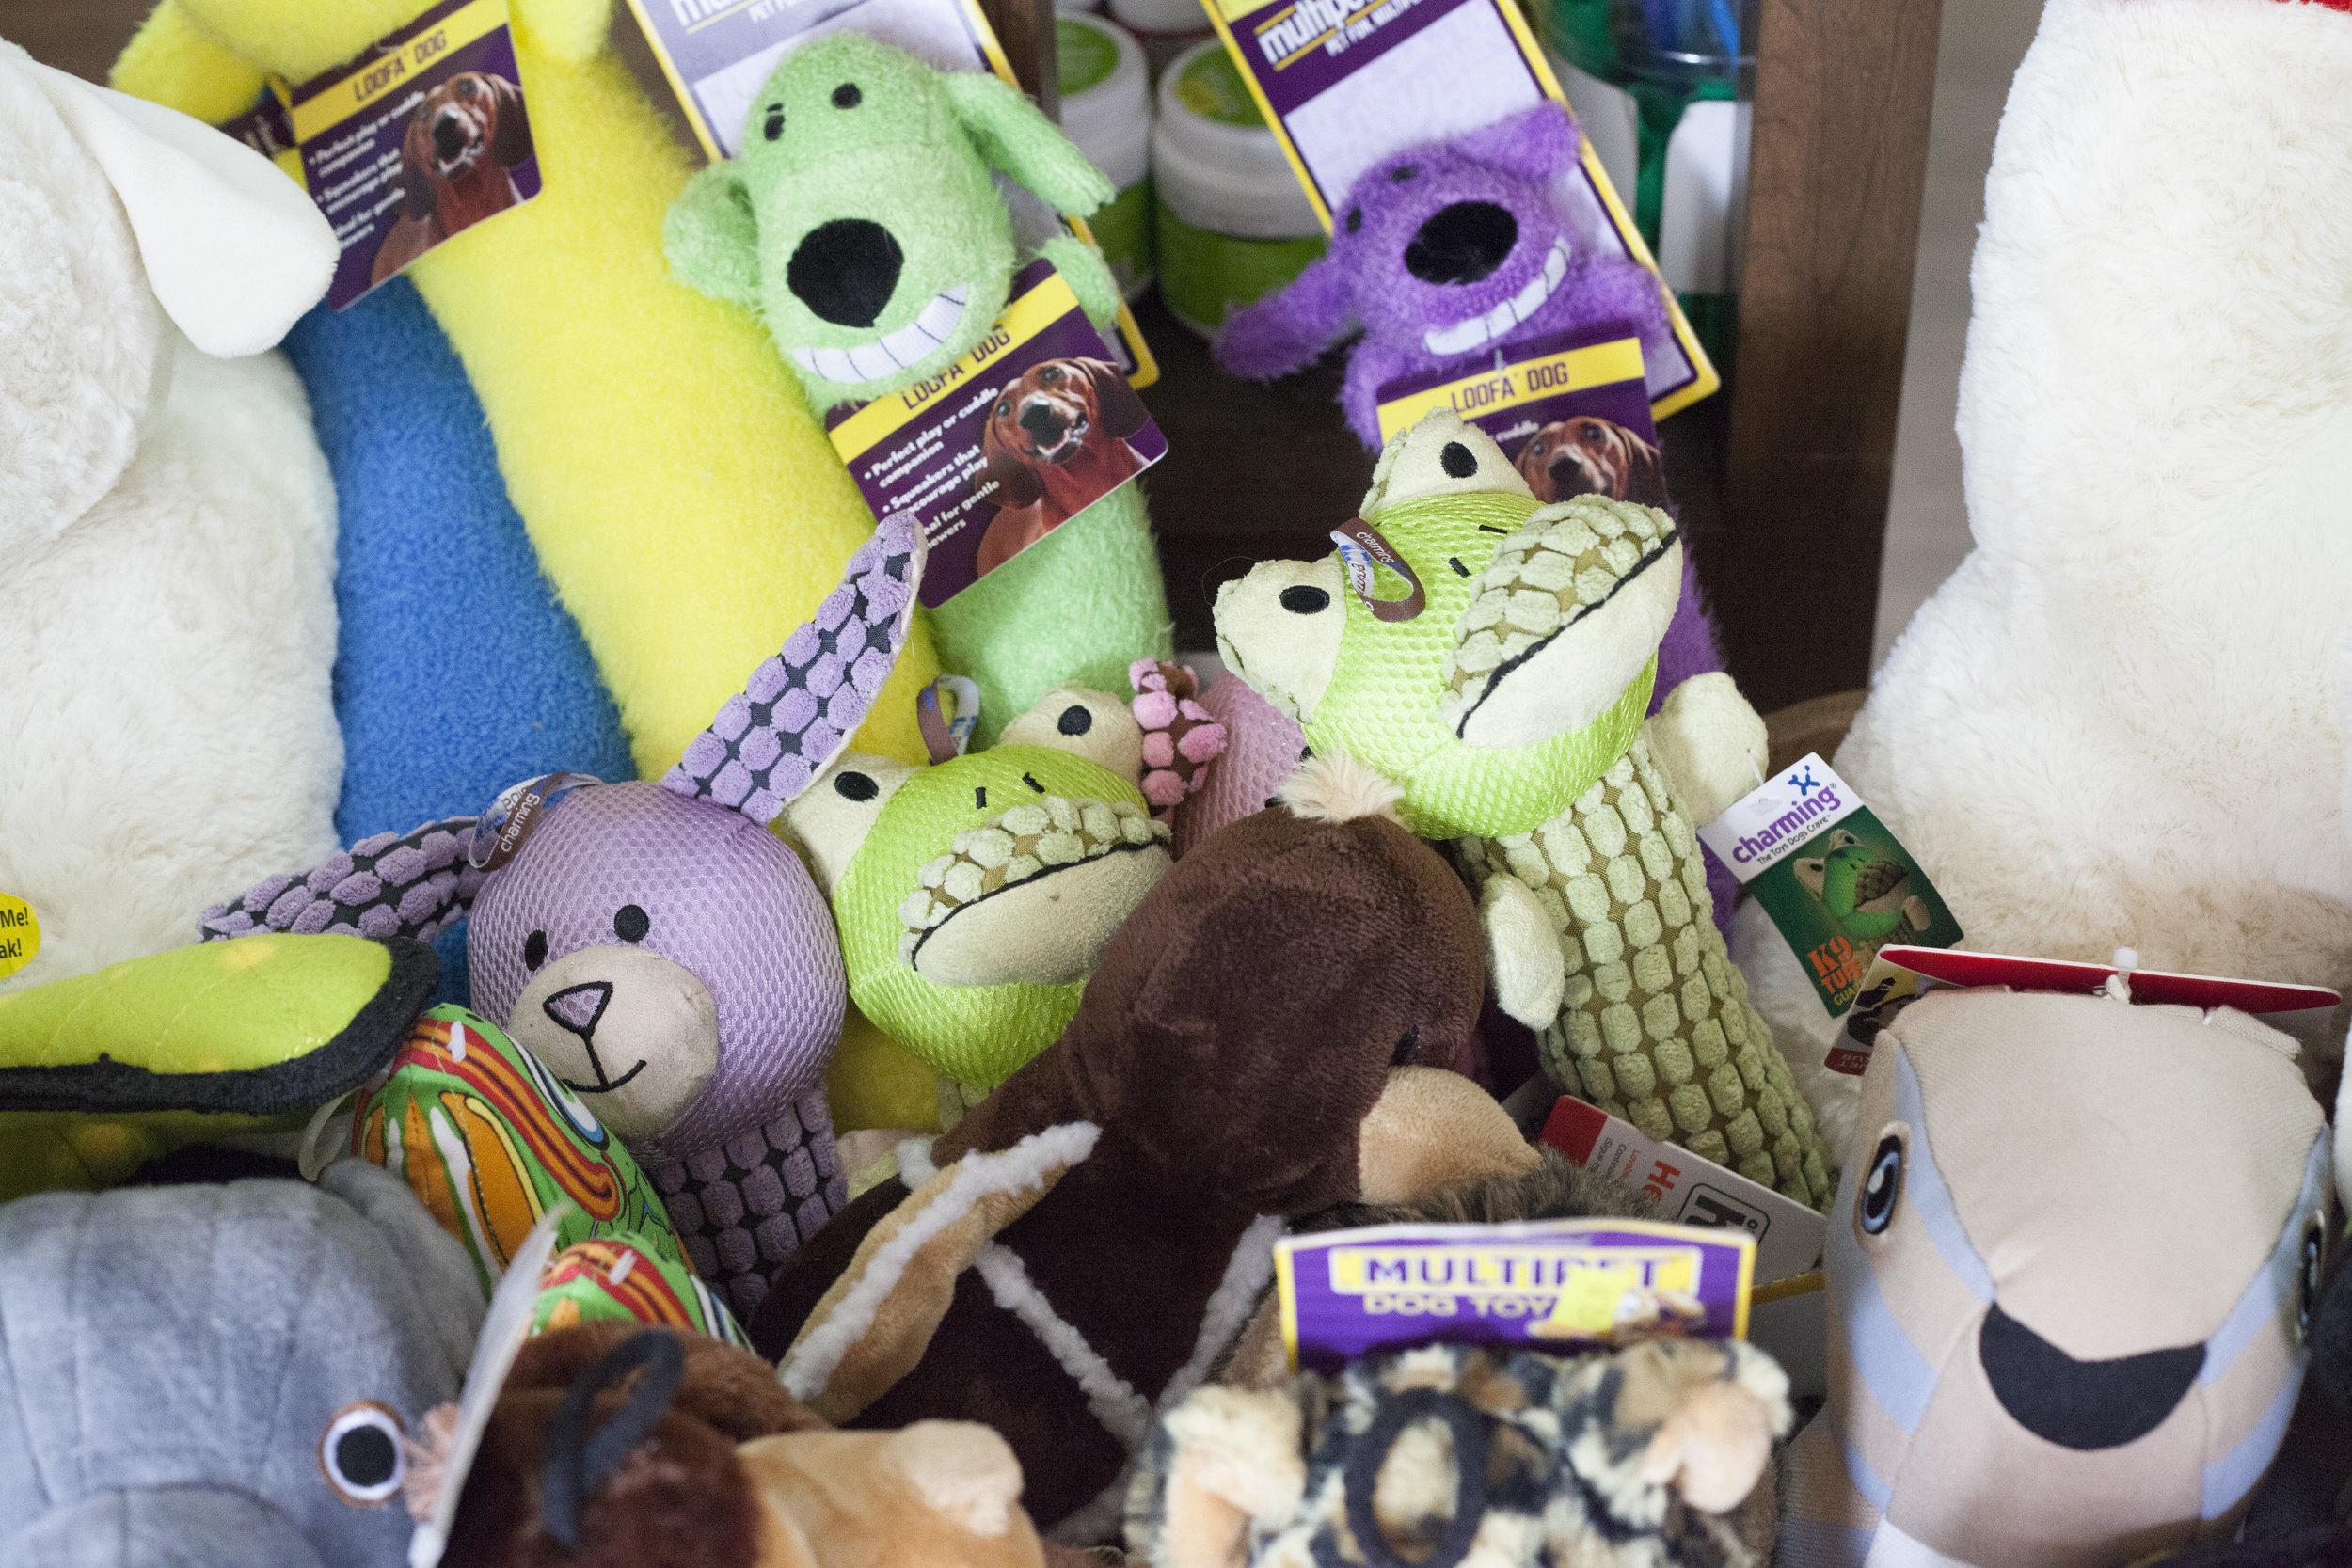 silly toys 2.jpg